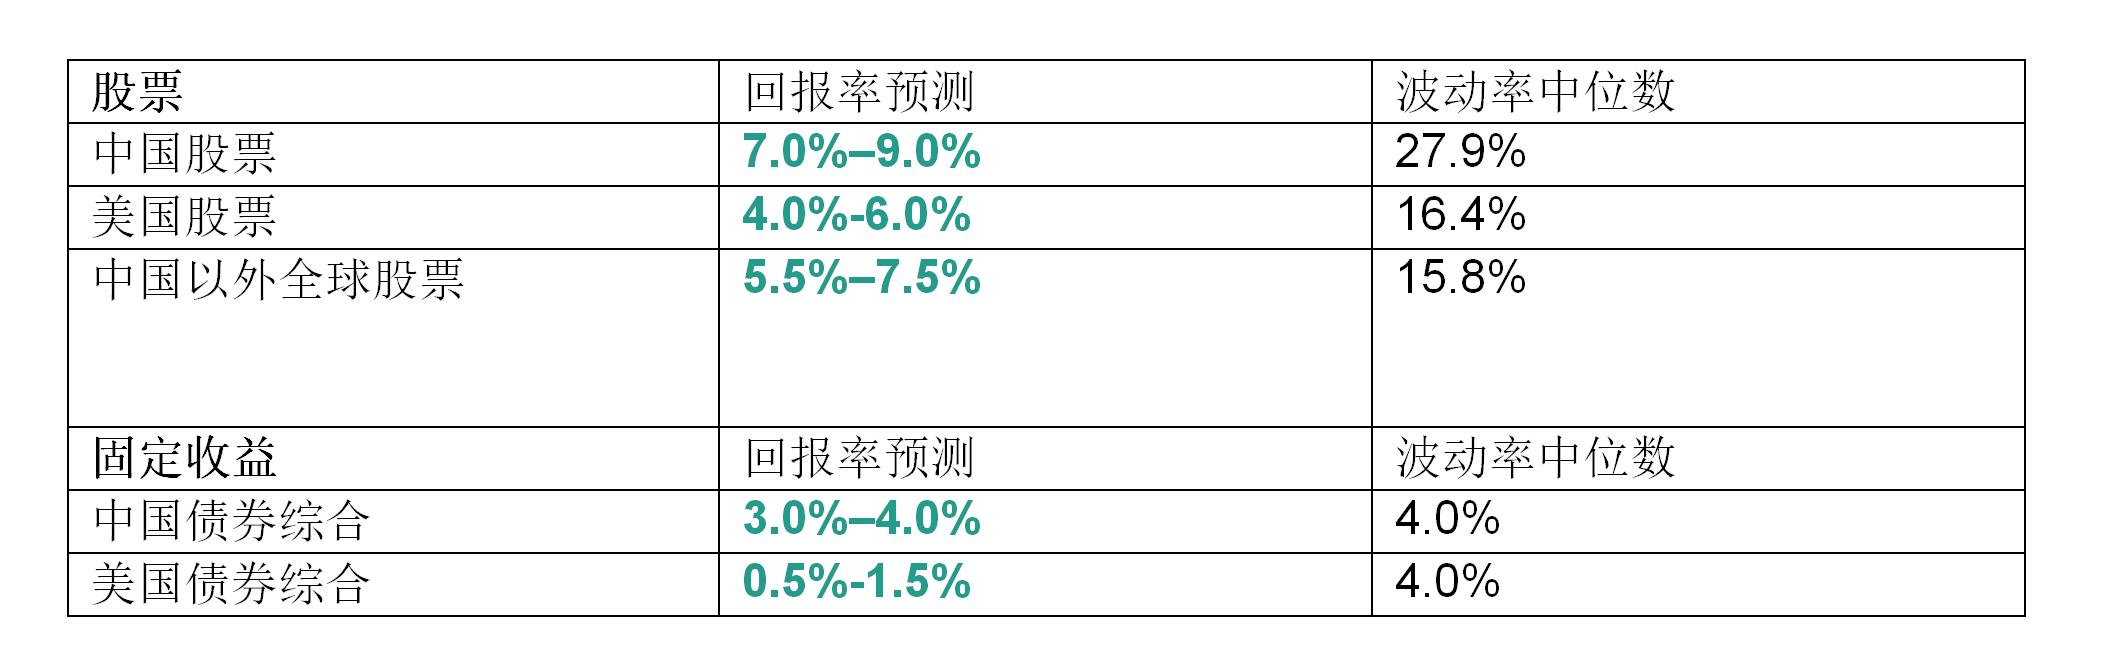 先锋领航8月展望:全球经济下半年开始复苏 中国最接近V型